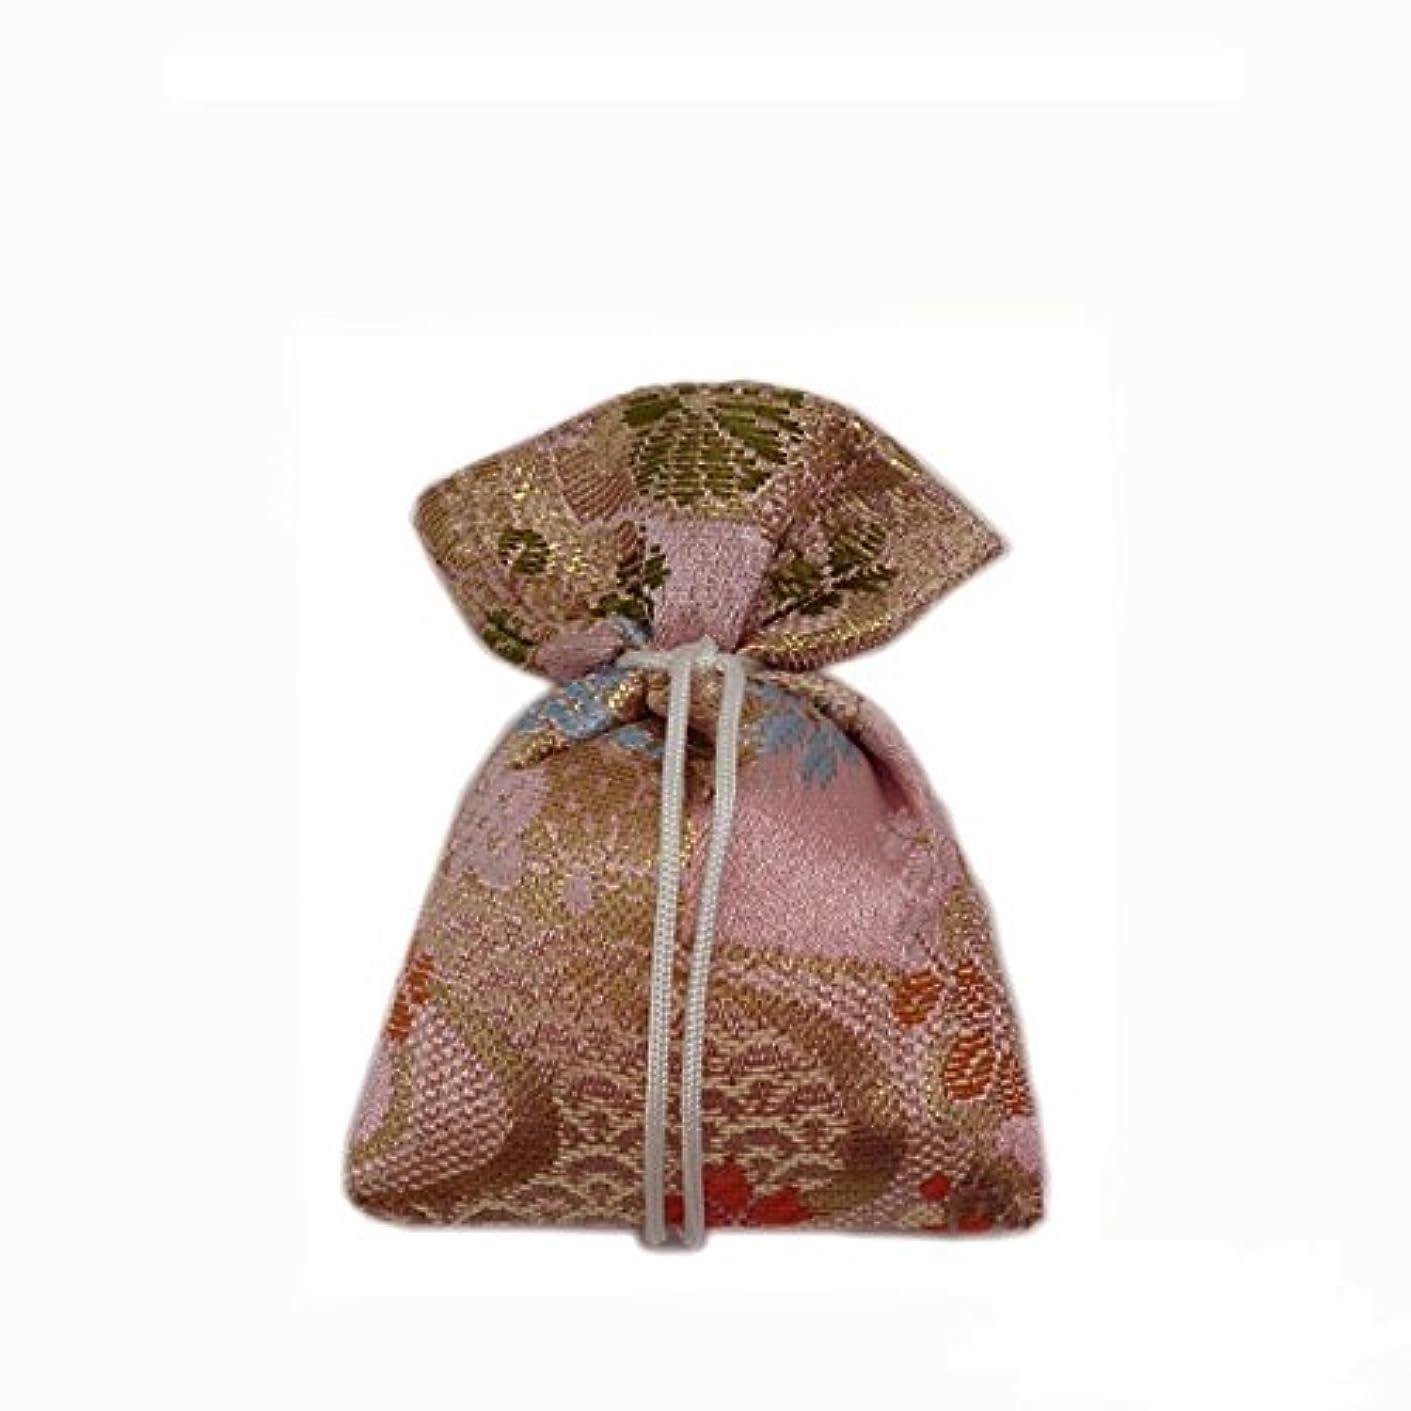 ソーダ水事故同級生匂袋 巾着 金襴中 ピンク系